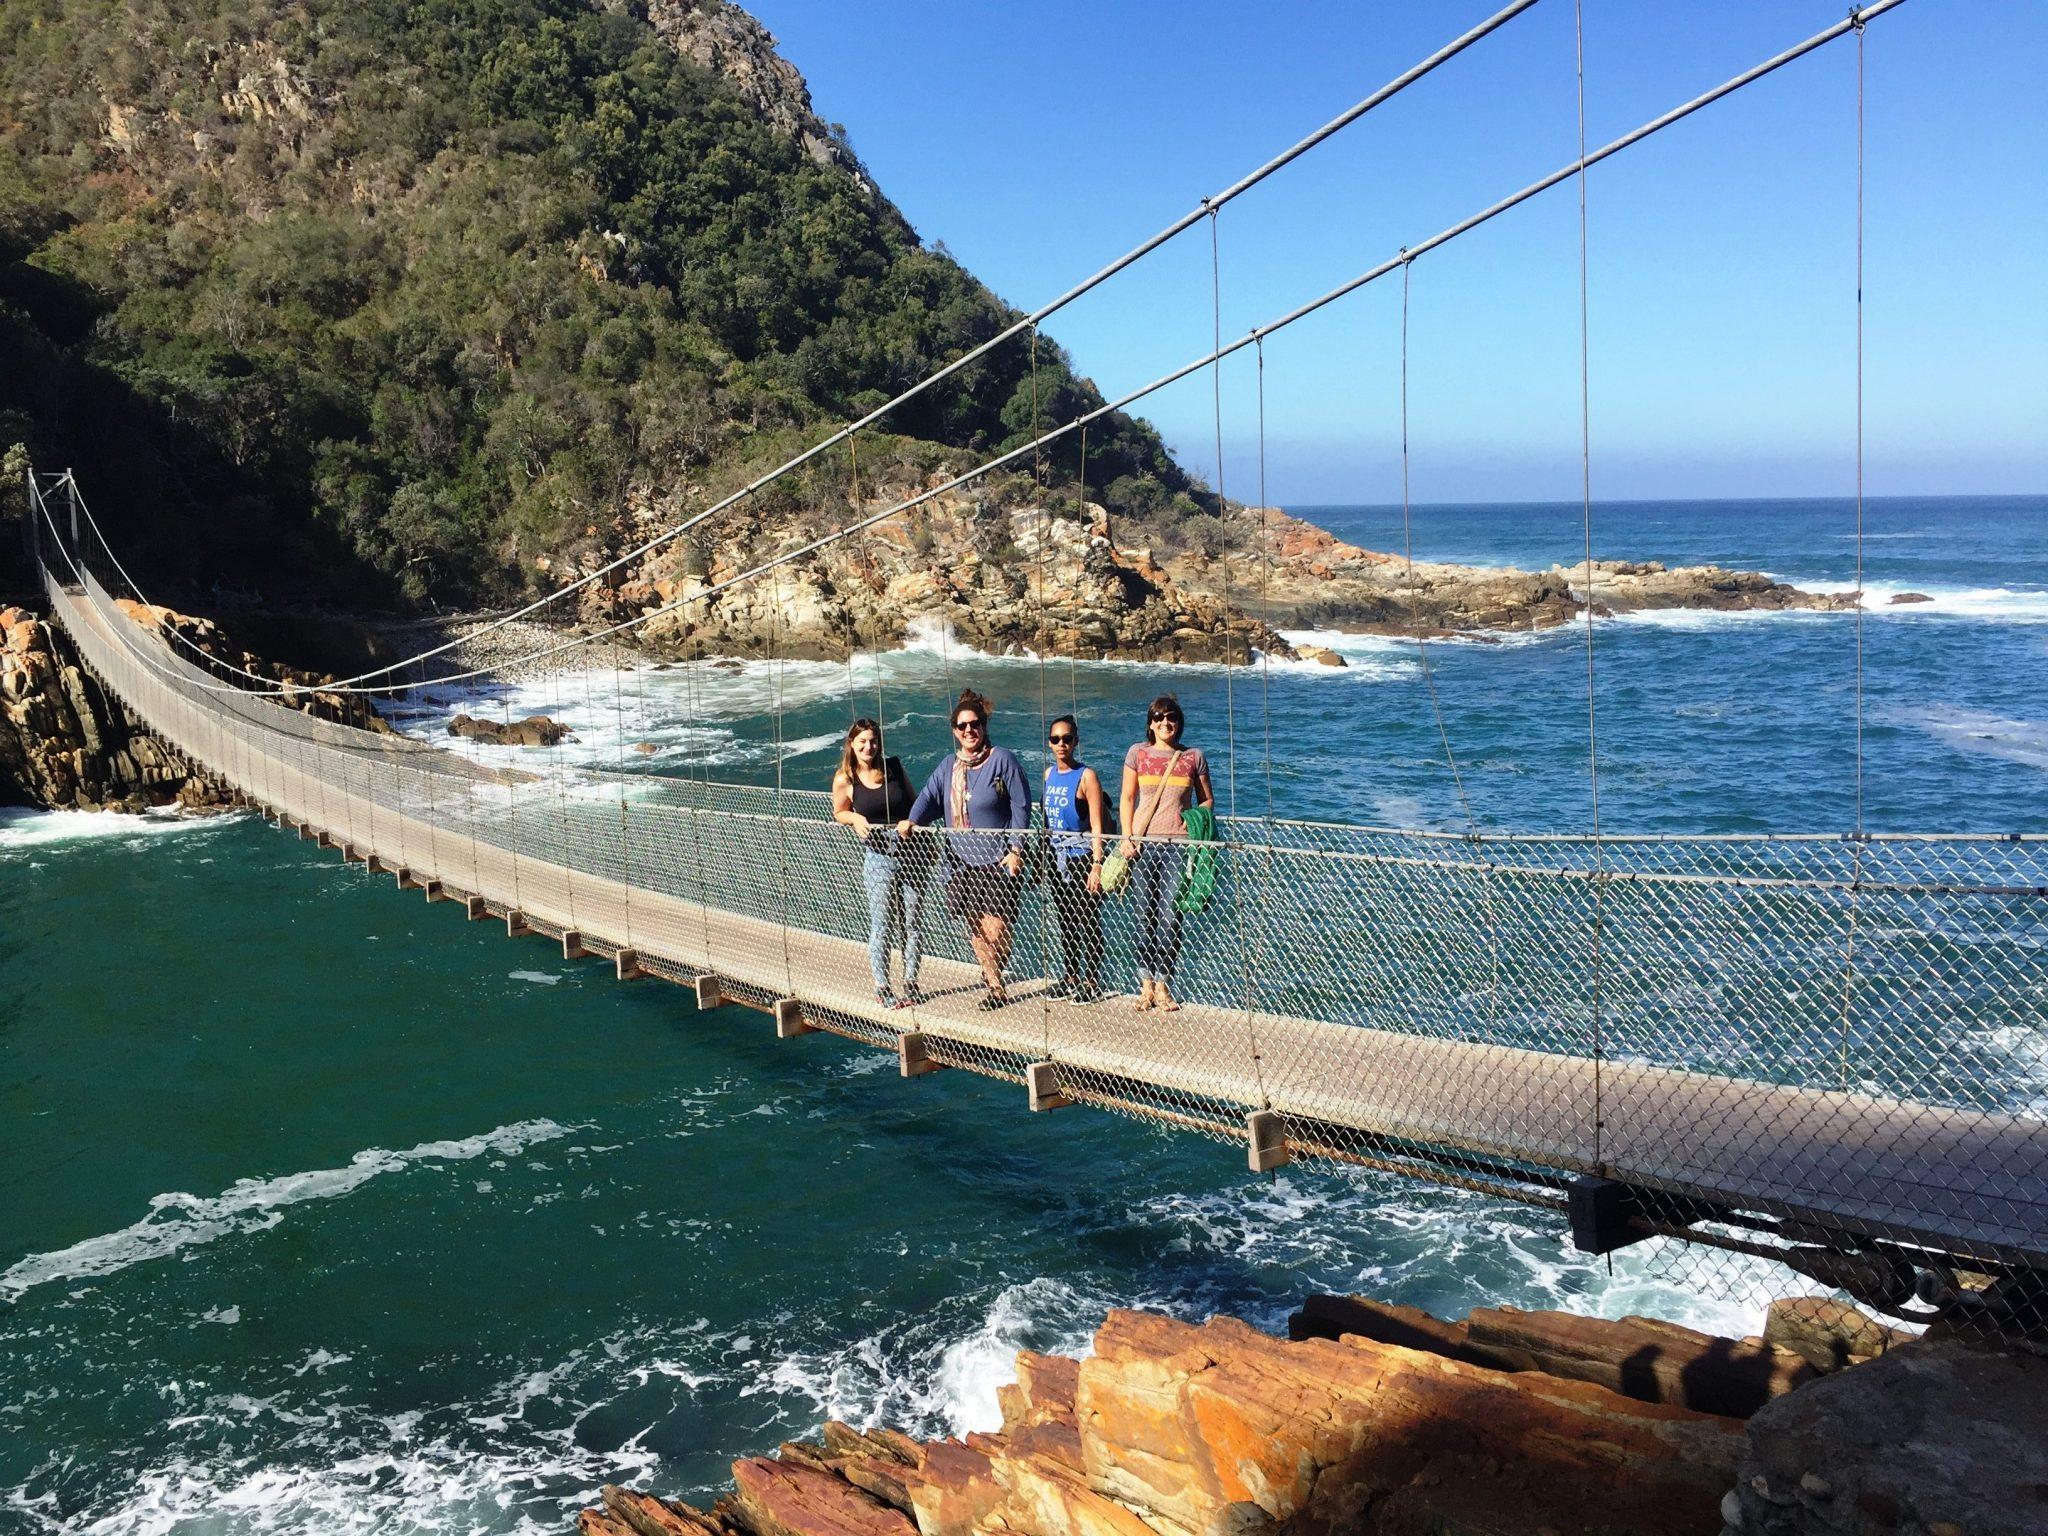 Tsitsikamma-suspension-bridge-people-e1516969126247.jpg